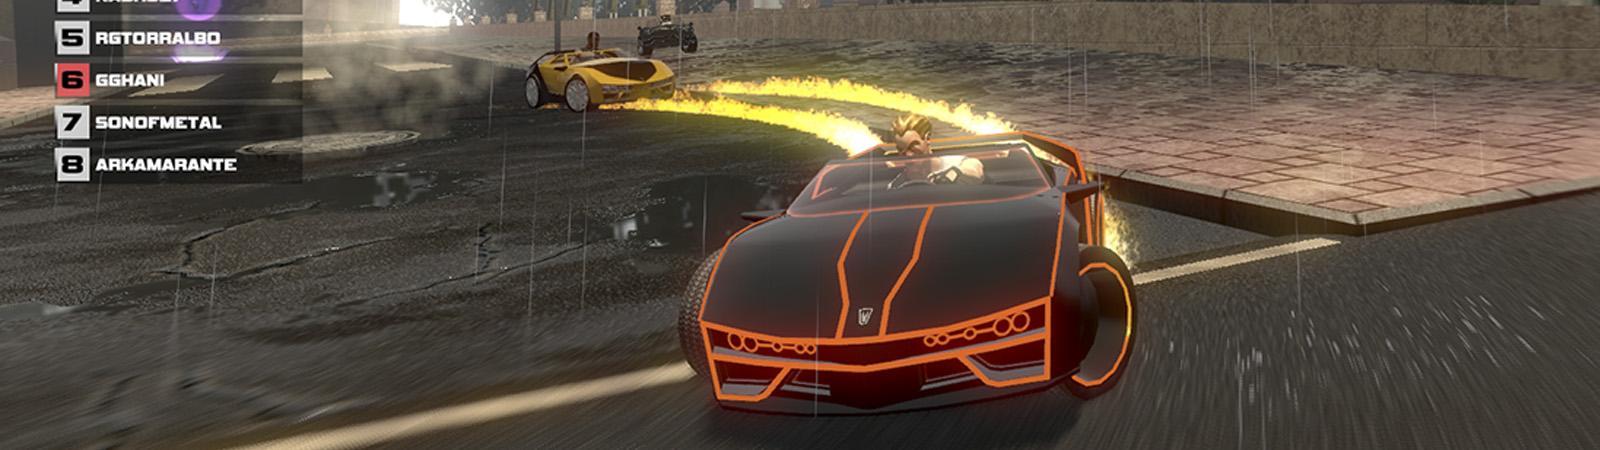 Wincars Racer cabecera nueva